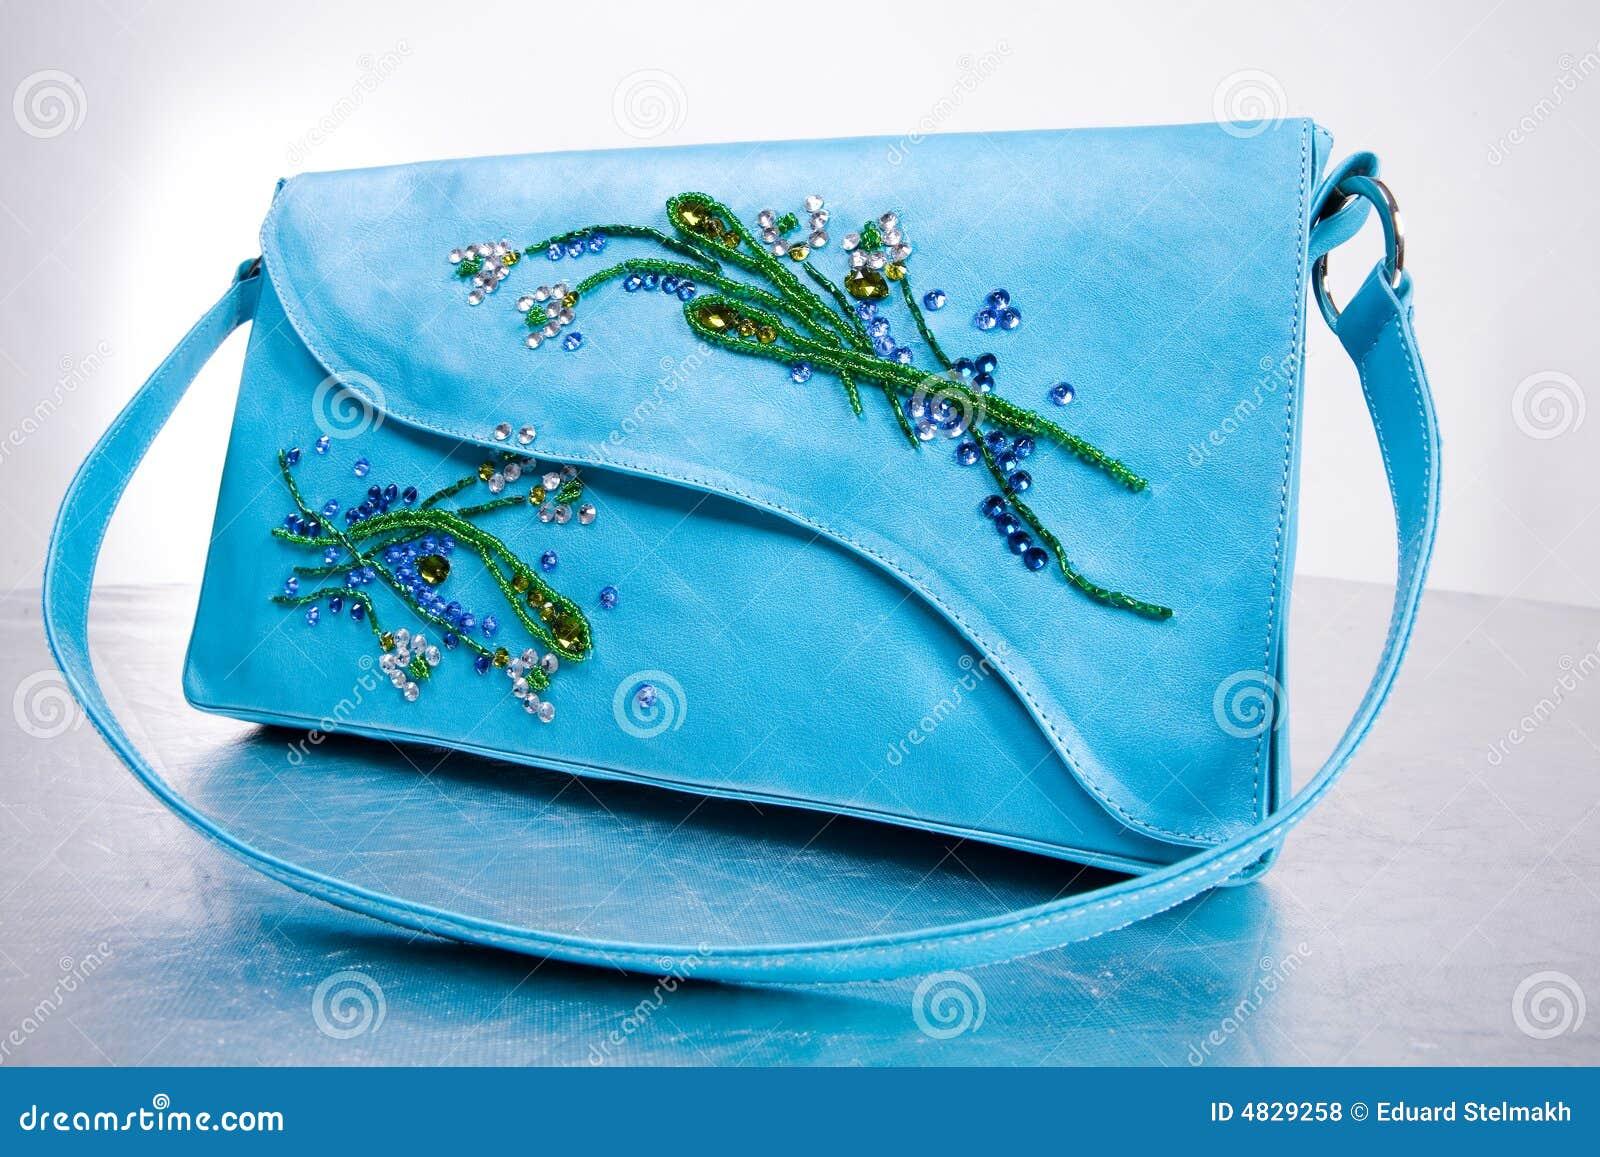 Lederne Handtasche der Frau. Handgemacht